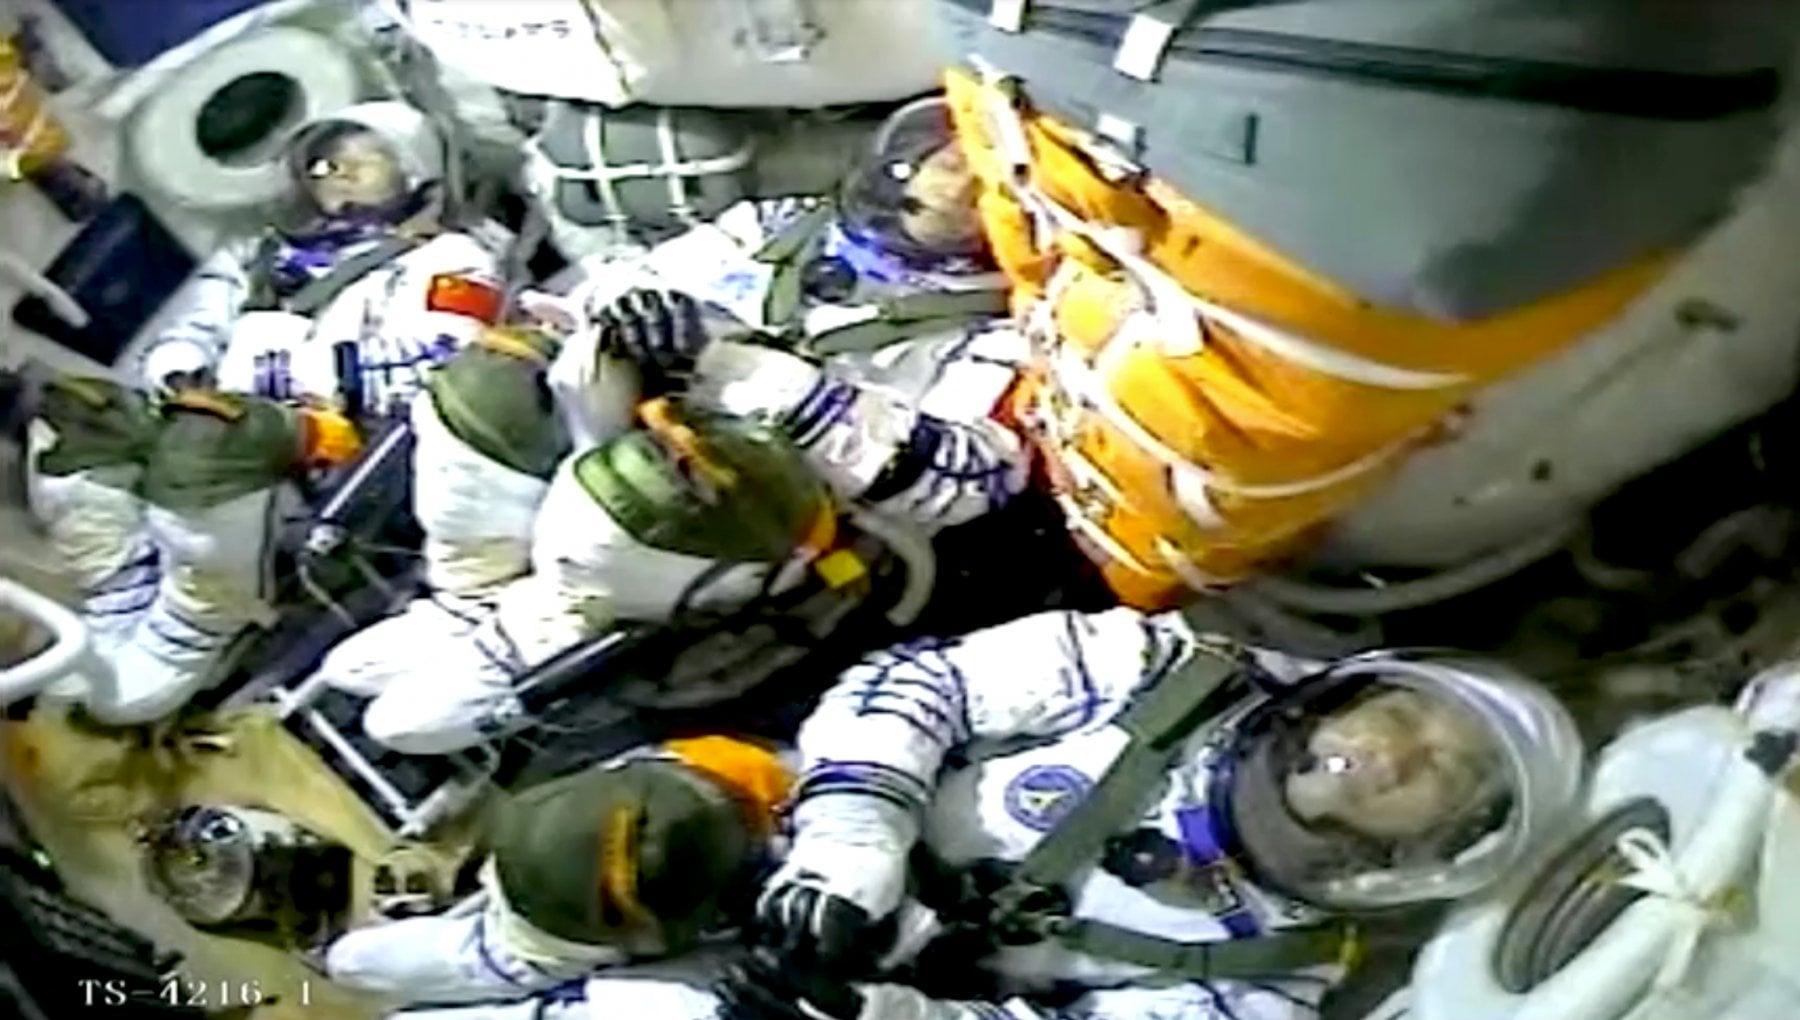 064908060 b33ababc 87e9 4bd4 9a13 23fd9e70a484 - Spazio. decollato il razzo che porterà il primo equipaggio cinese nella nuova stazione